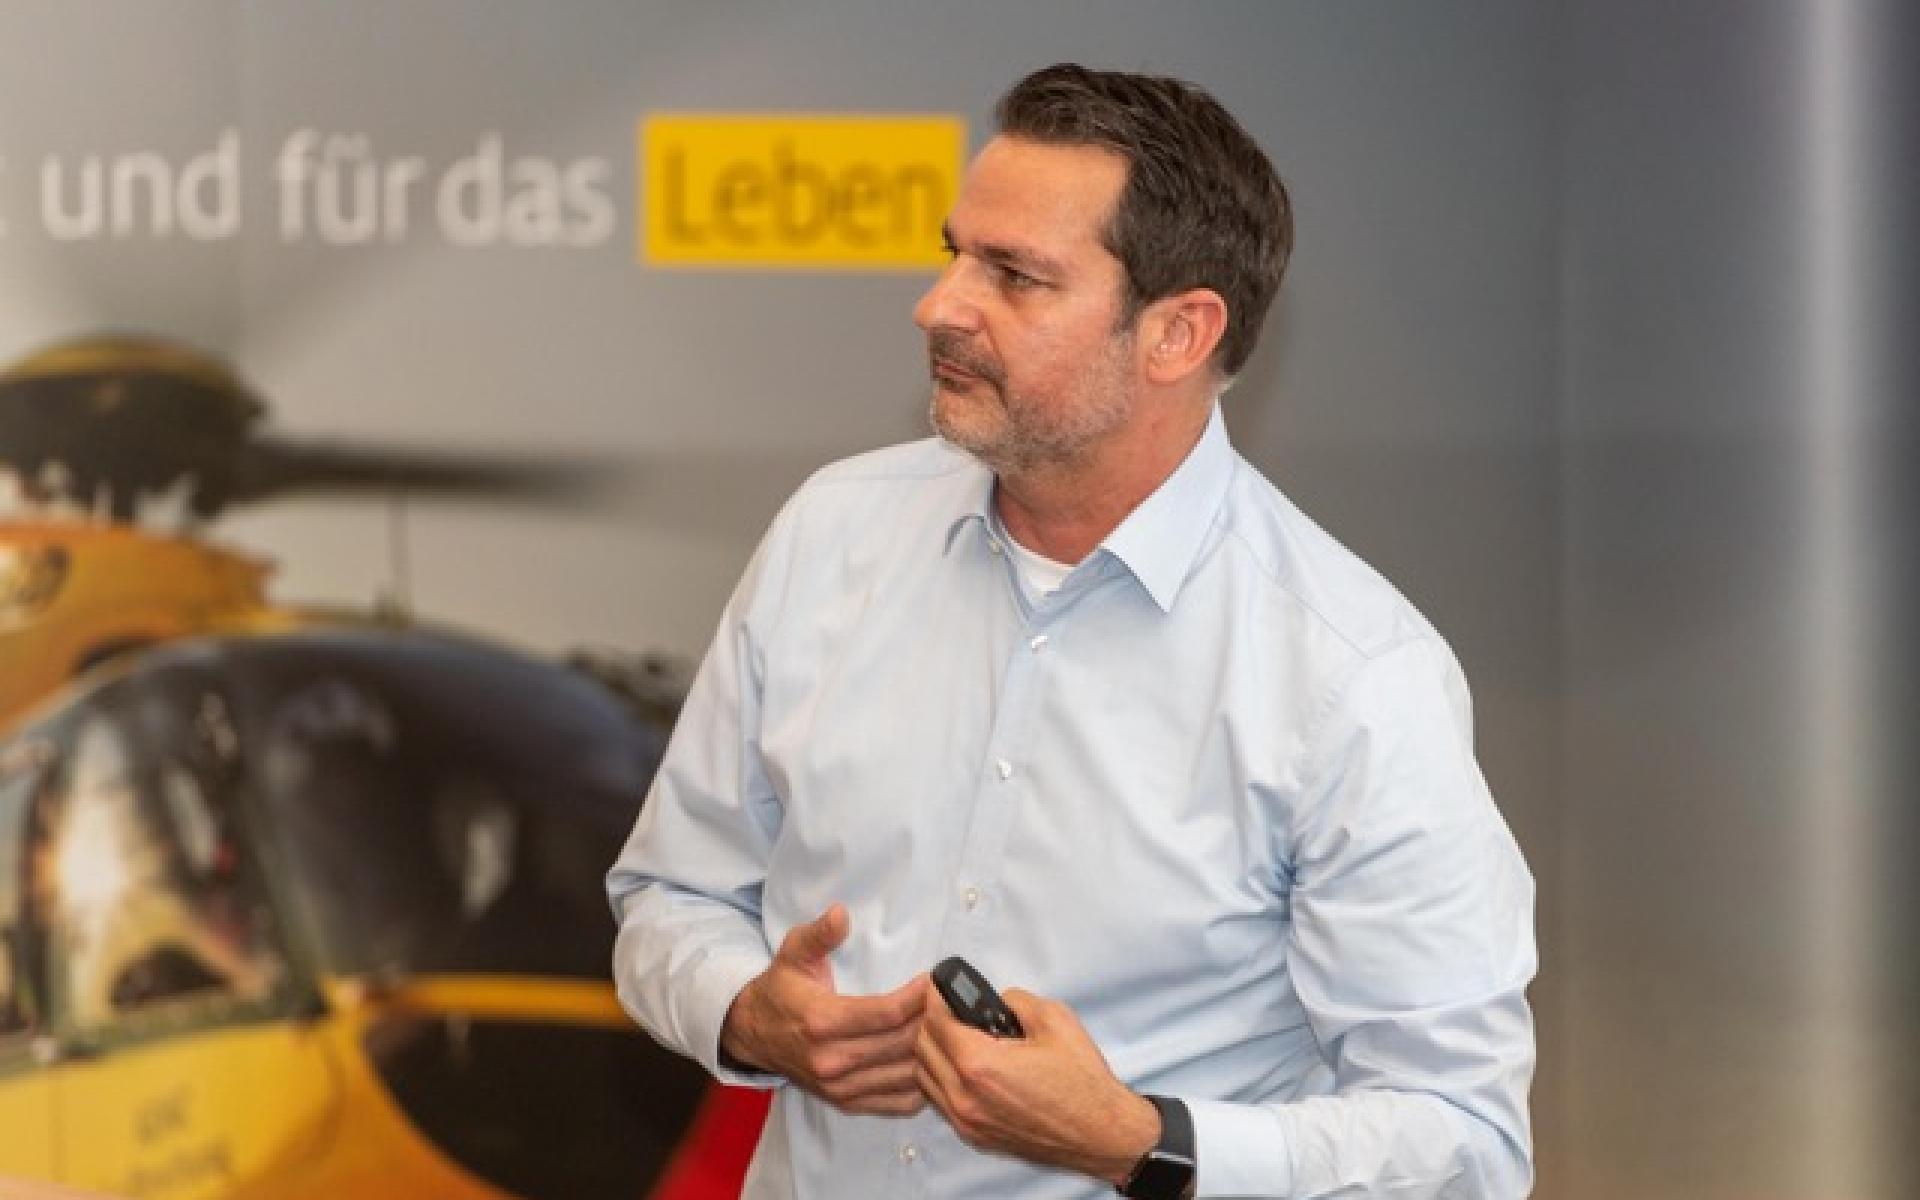 """Zwei Experten der DRF Luftrettung, Marcus Sandrock (im Bild) und Dr. Ulf Aschenbrenner, erläuterten den Teilnehmern ihre ganz neue Arbeit zur Disponierung nach der sogenannten """"Next-Best-Strategie""""."""